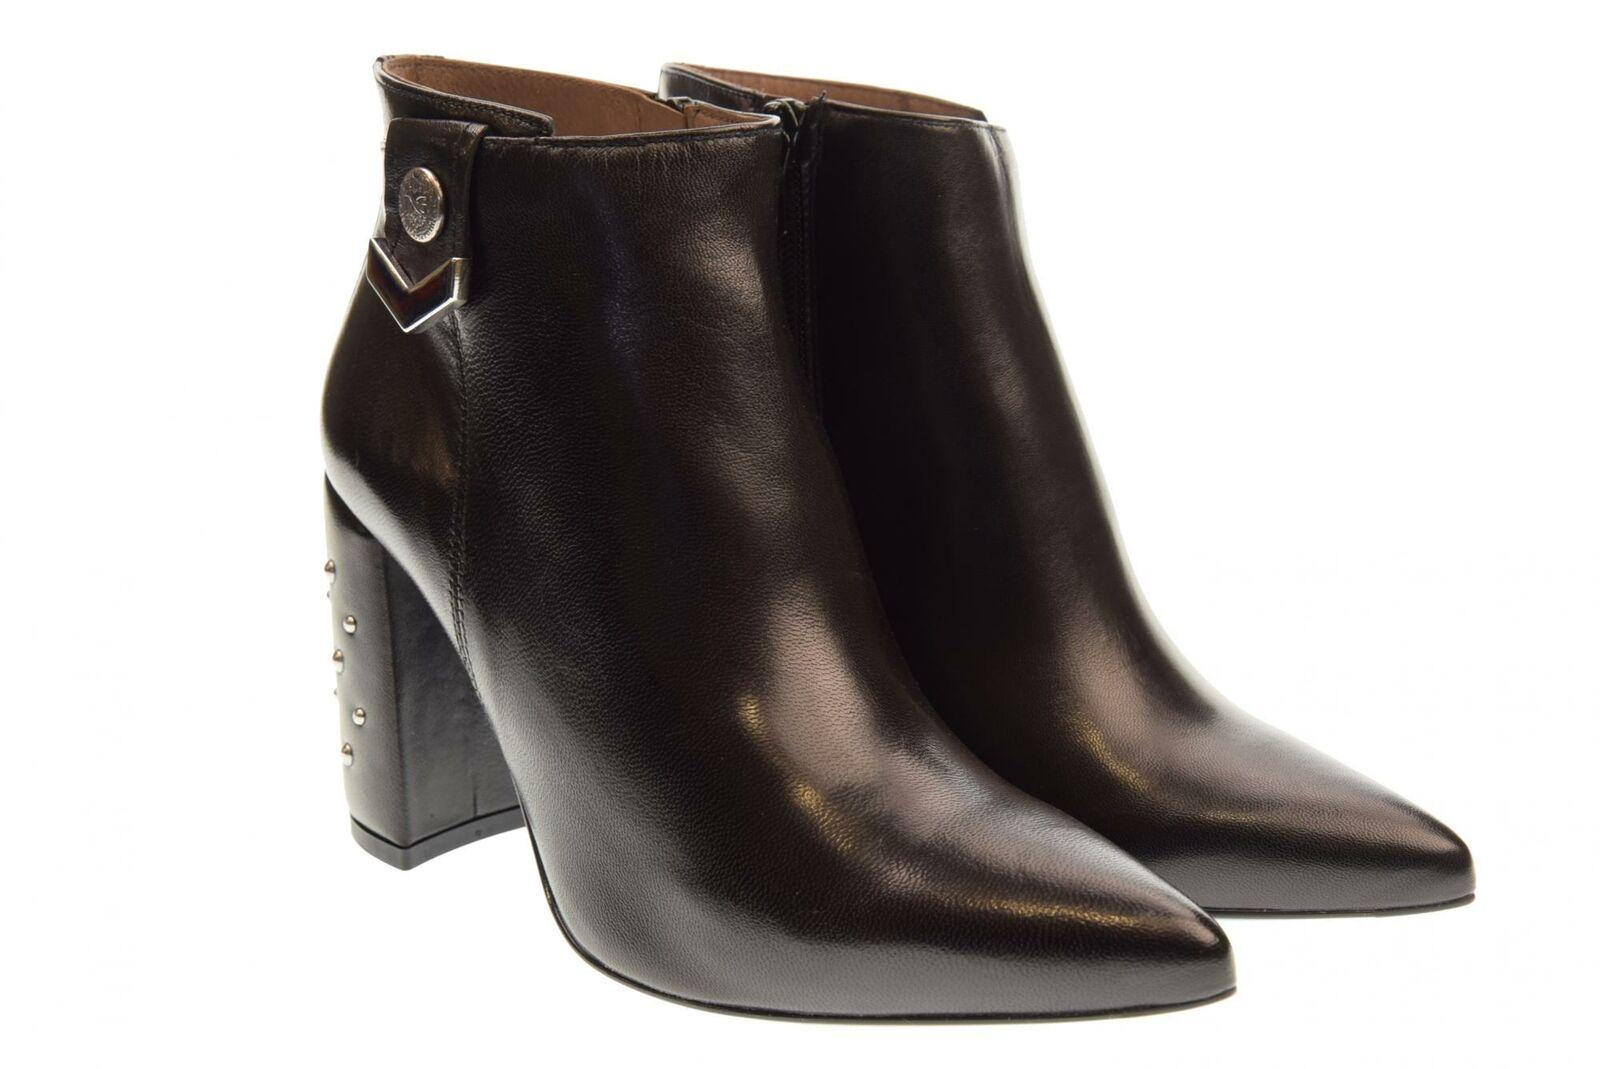 Spedizione gratuita al 100% Nero Giardini scarpe donna tronchetti con tacco A806880DE 100 100 100 A18  spedizione gratuita